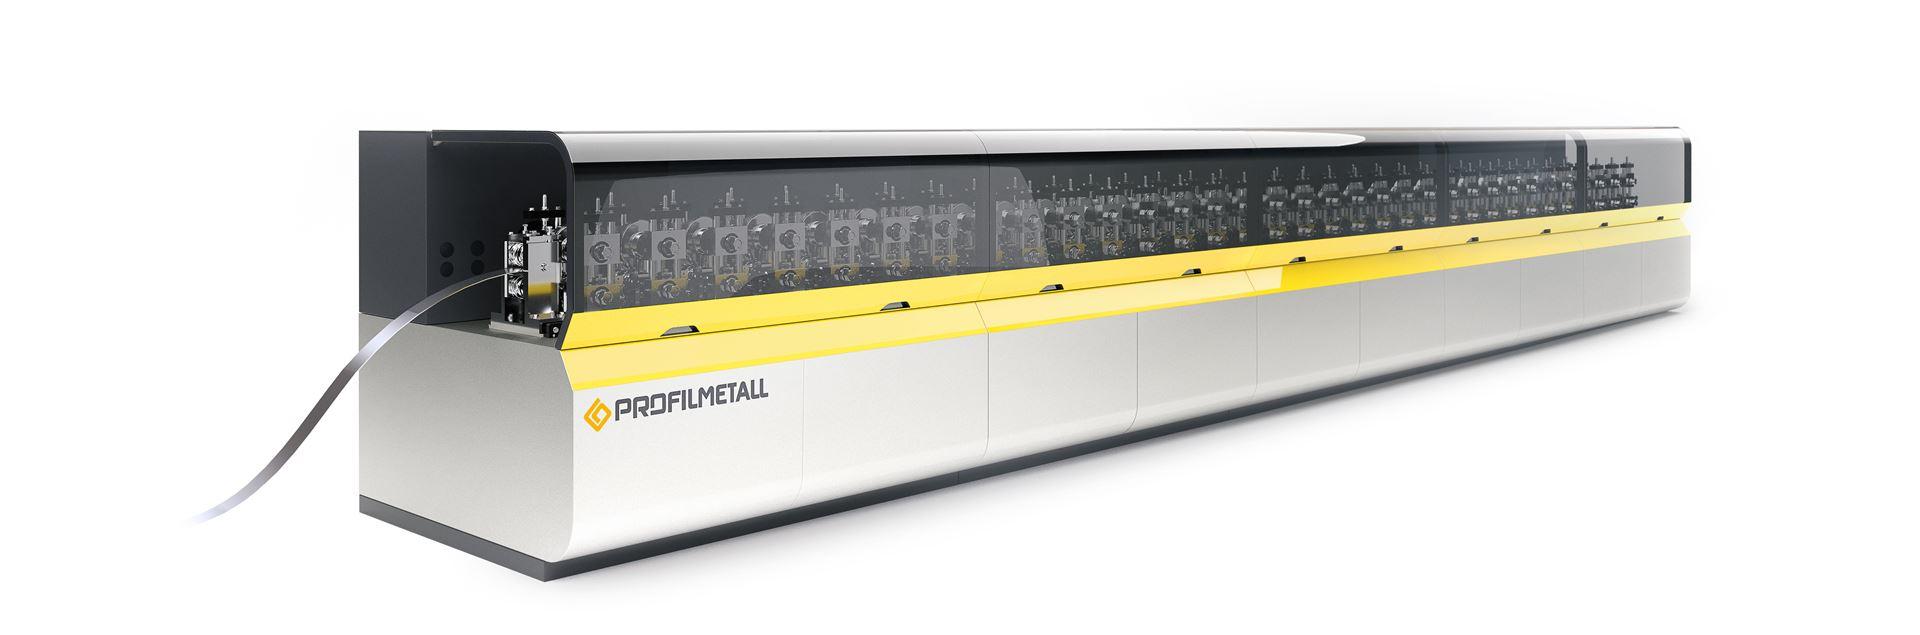 XELLAR Rollformanlage mit RFID-Lese- und Schreibgerät für schnellen Werkzeug Set-up